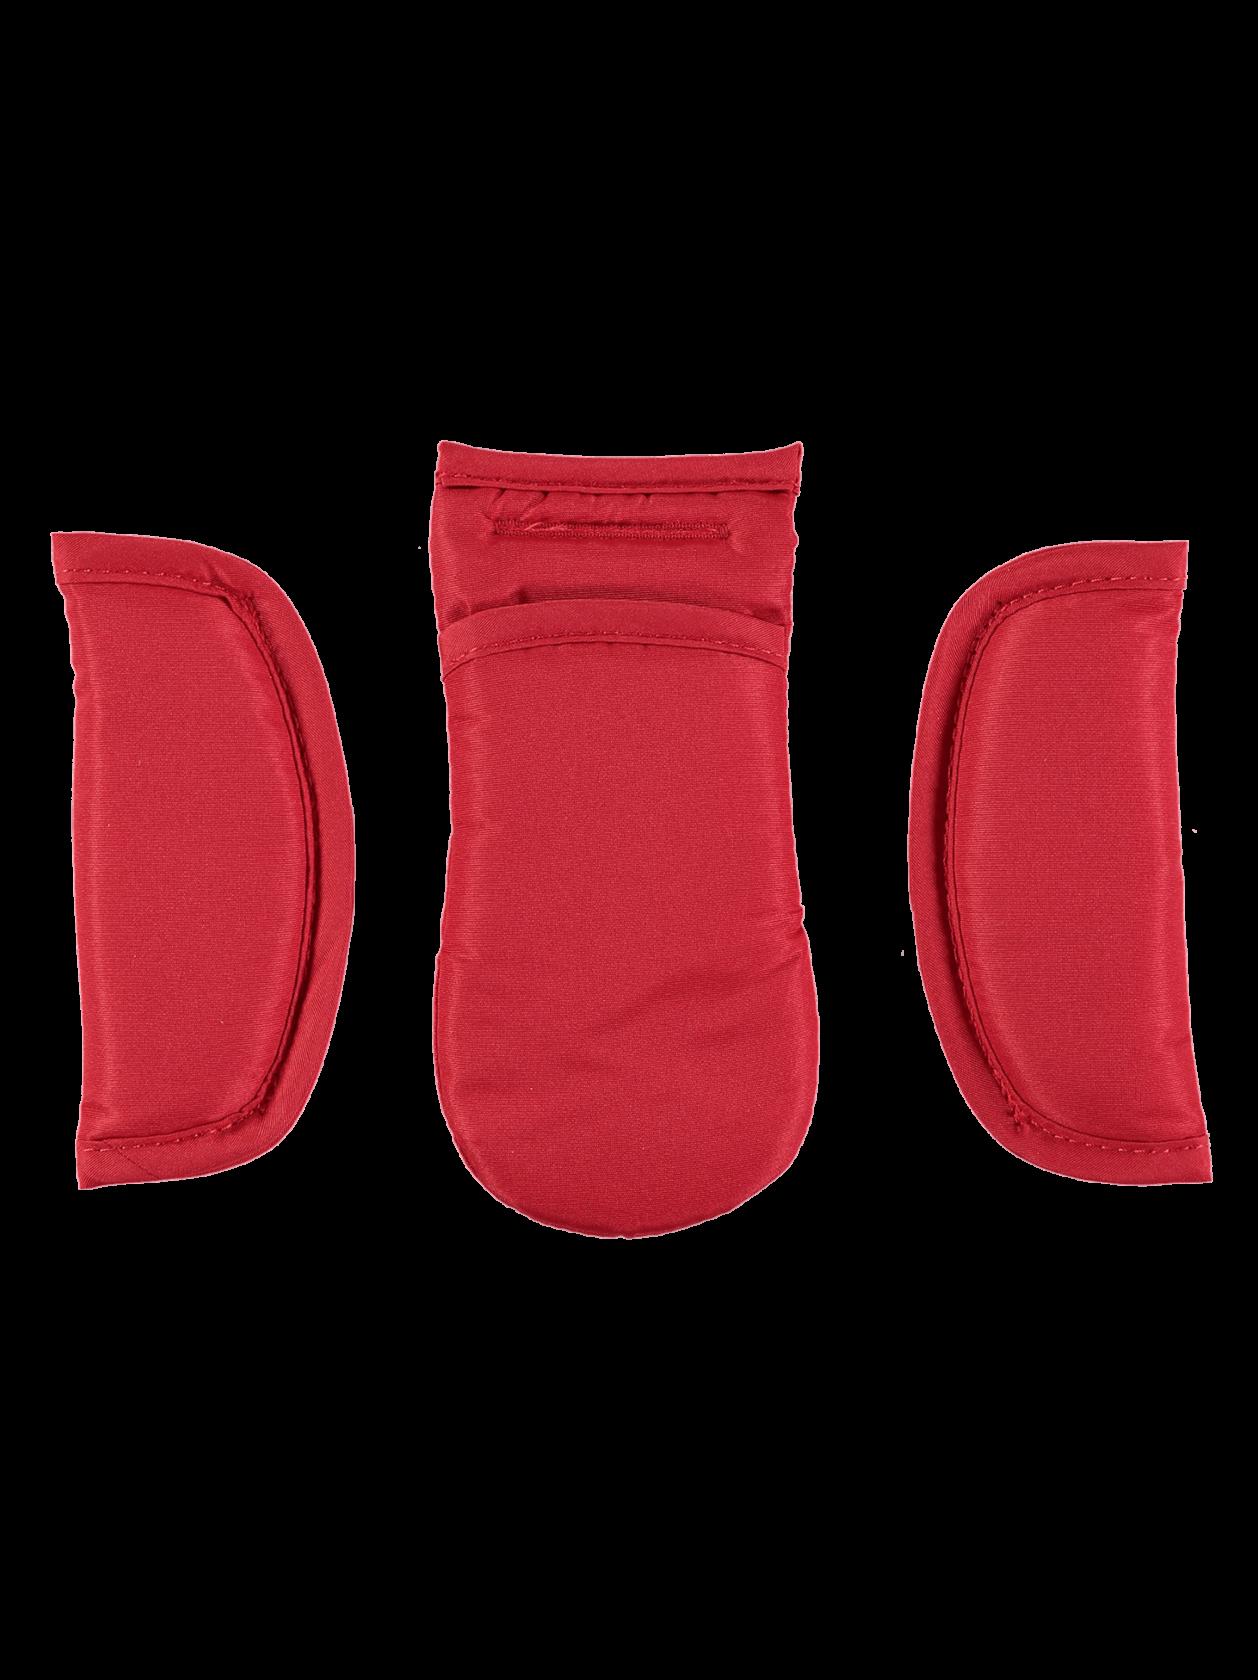 Strawberry2 Harness Pads - Lush